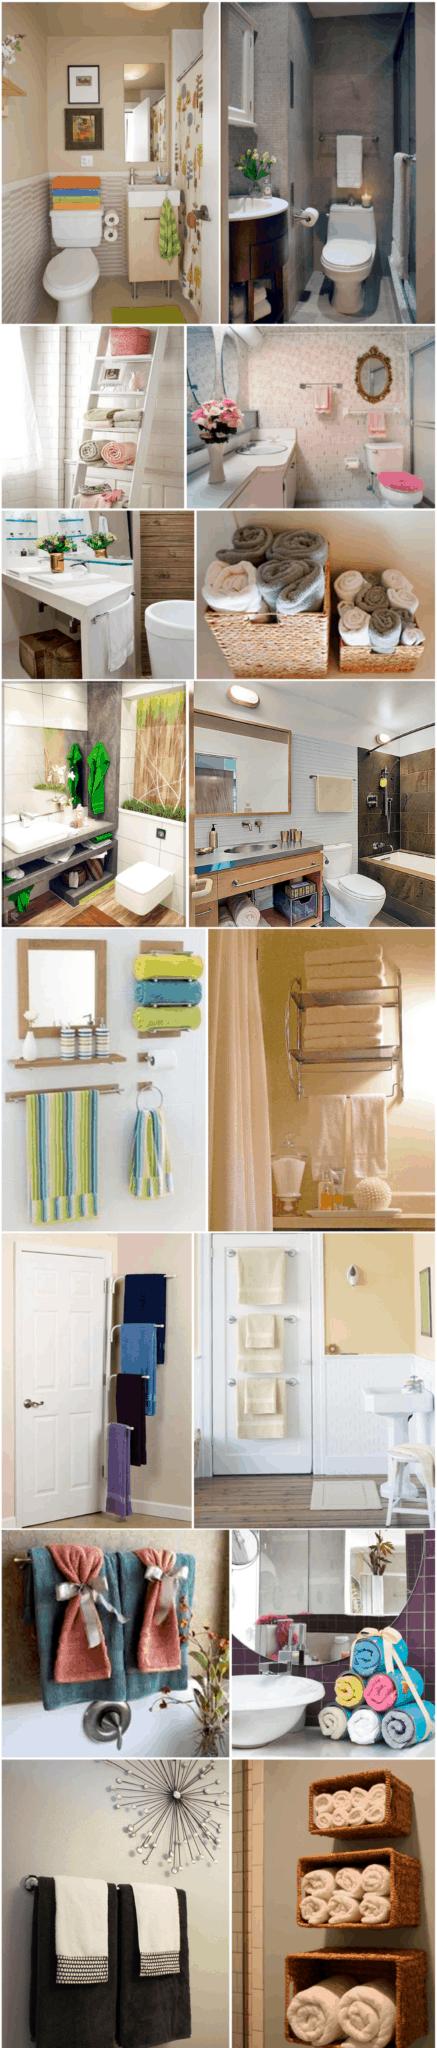 dica-dar-vida-nova-banheiro-toalha